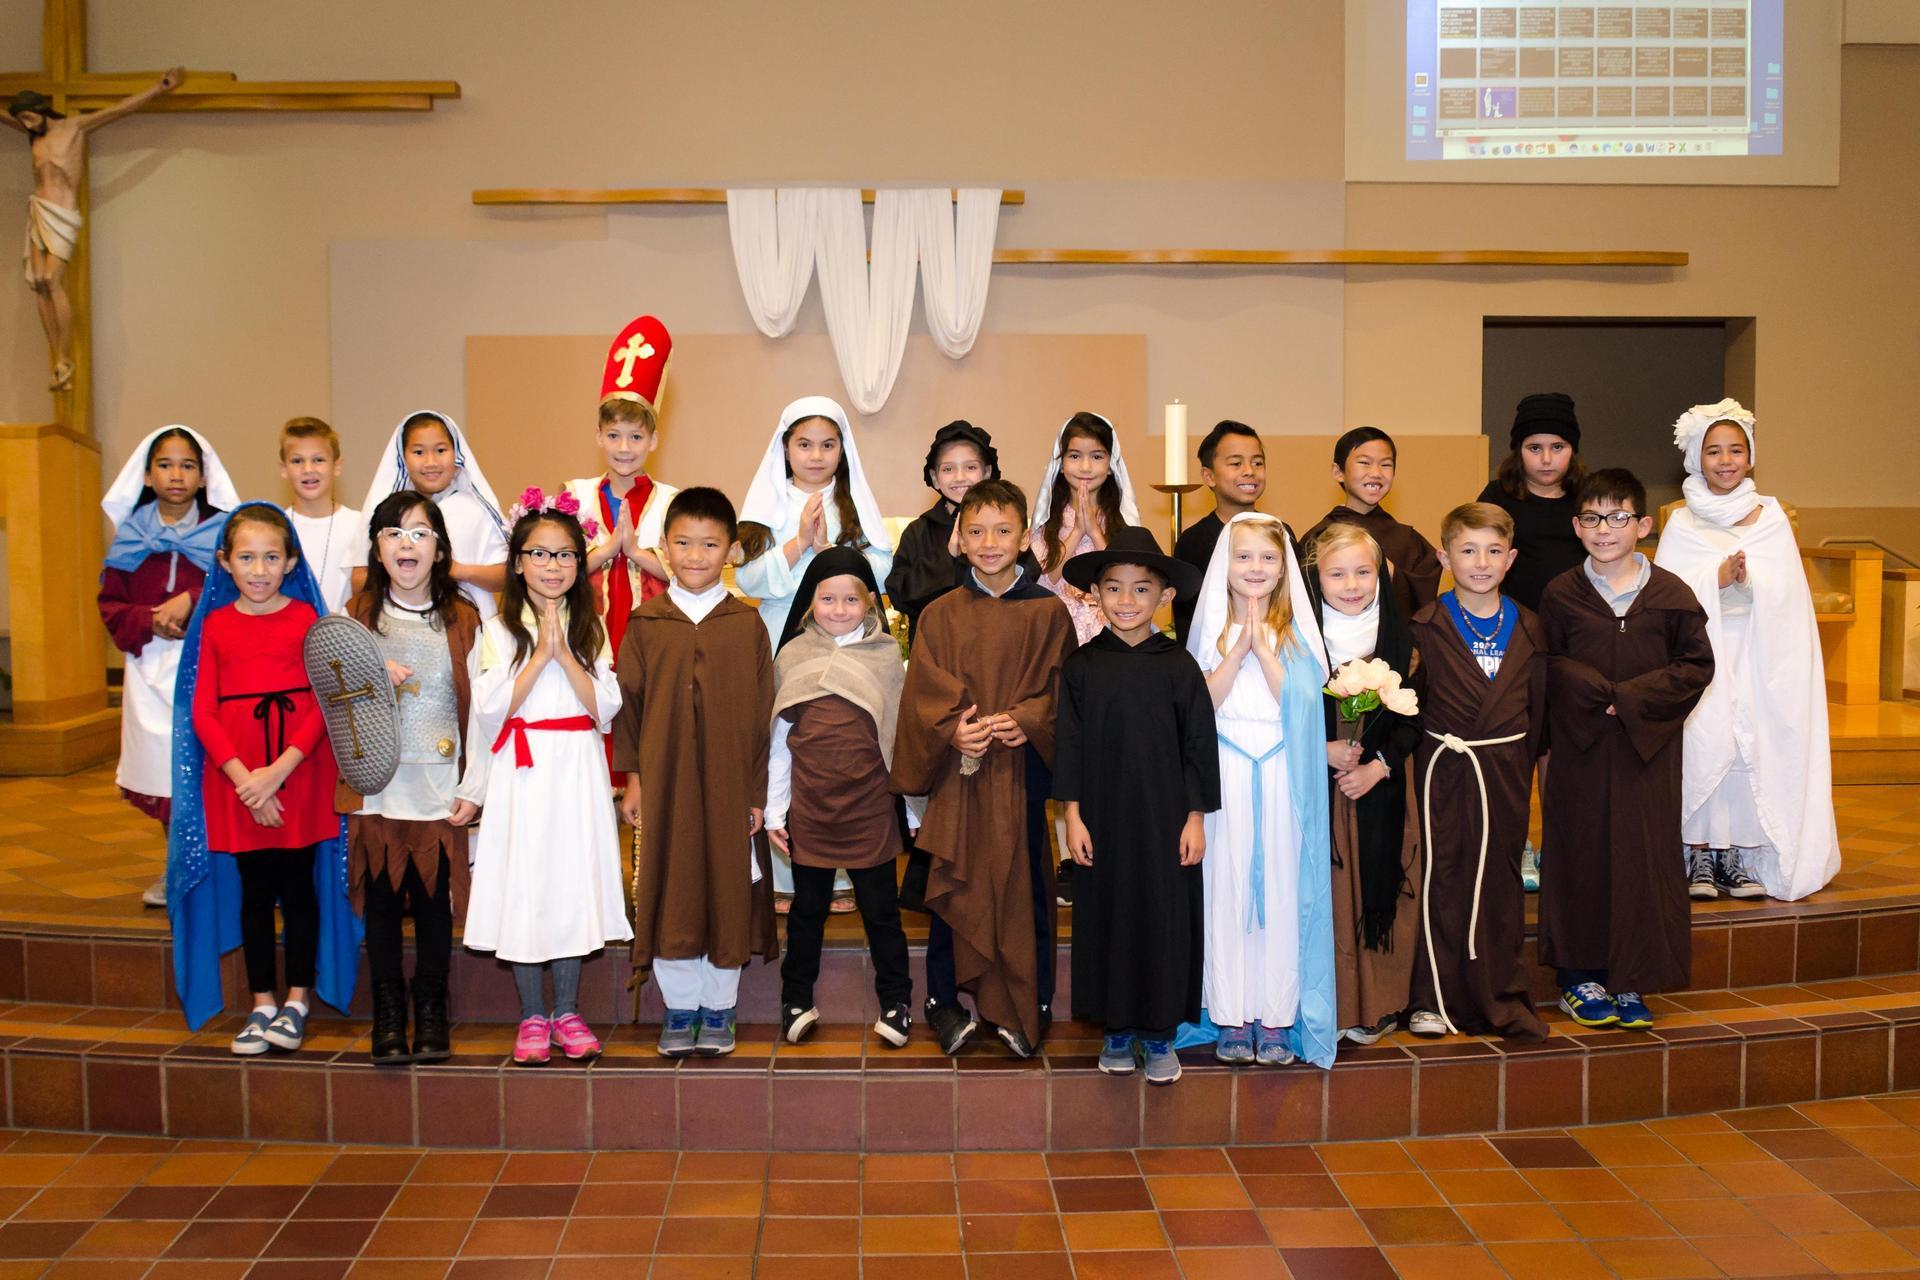 Children as saints